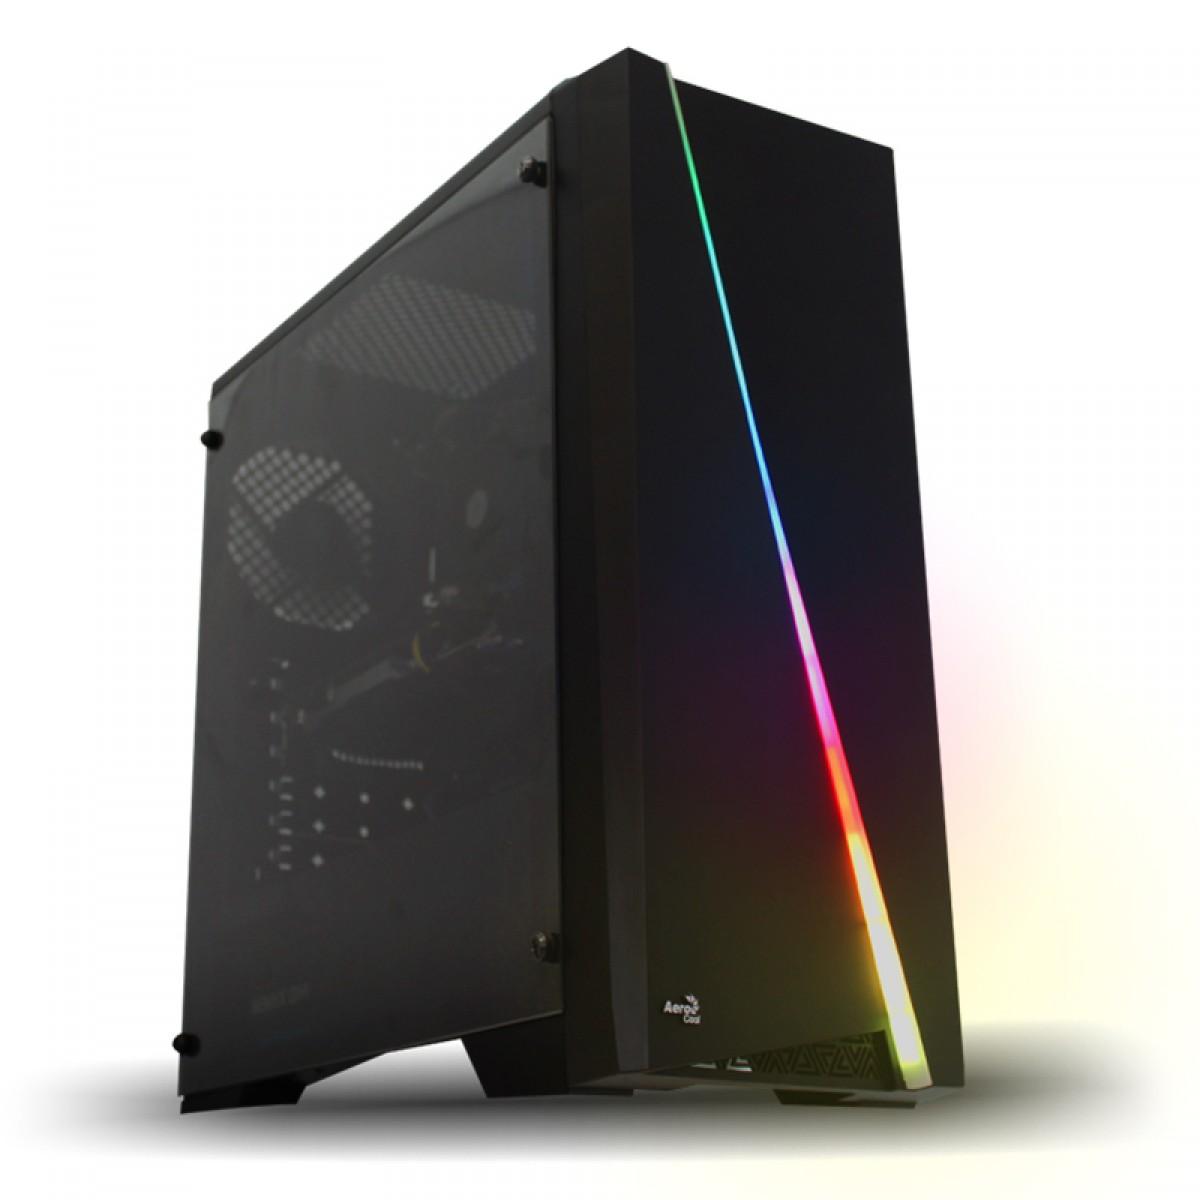 Pc Gamer Tera Edition Intel Core i5 9400F / Radeon NAVI RX 5500 XT 8GB / DDR4 8GB / HD 1TB / 600W